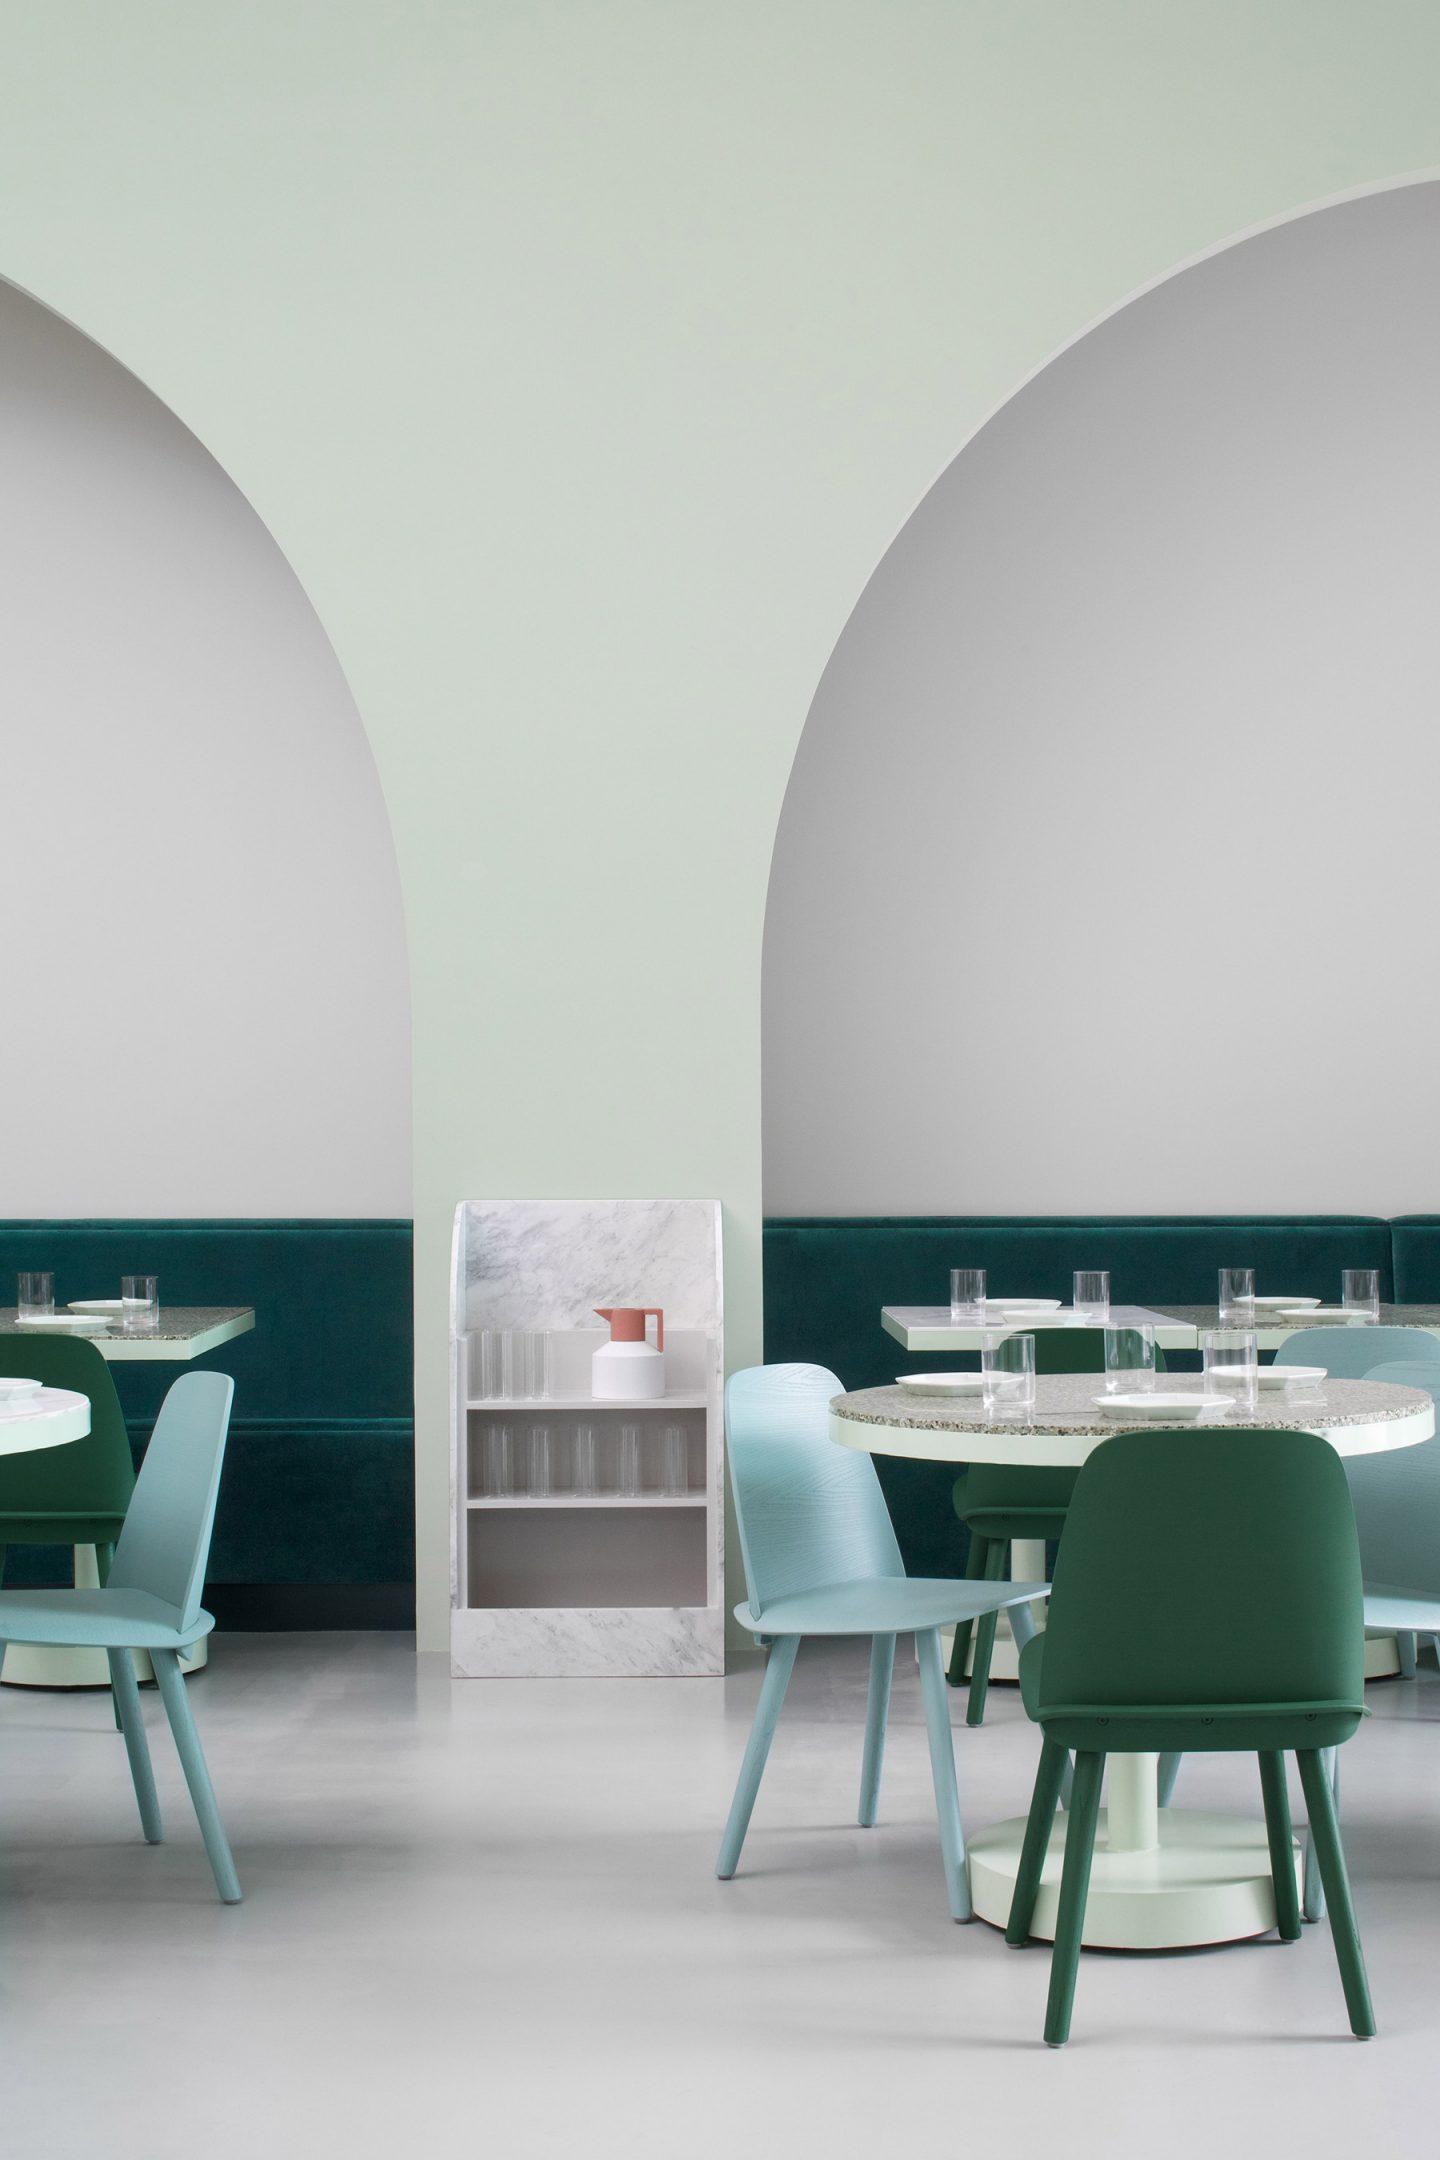 iGNANT-Places-Budapest-Cafe-003